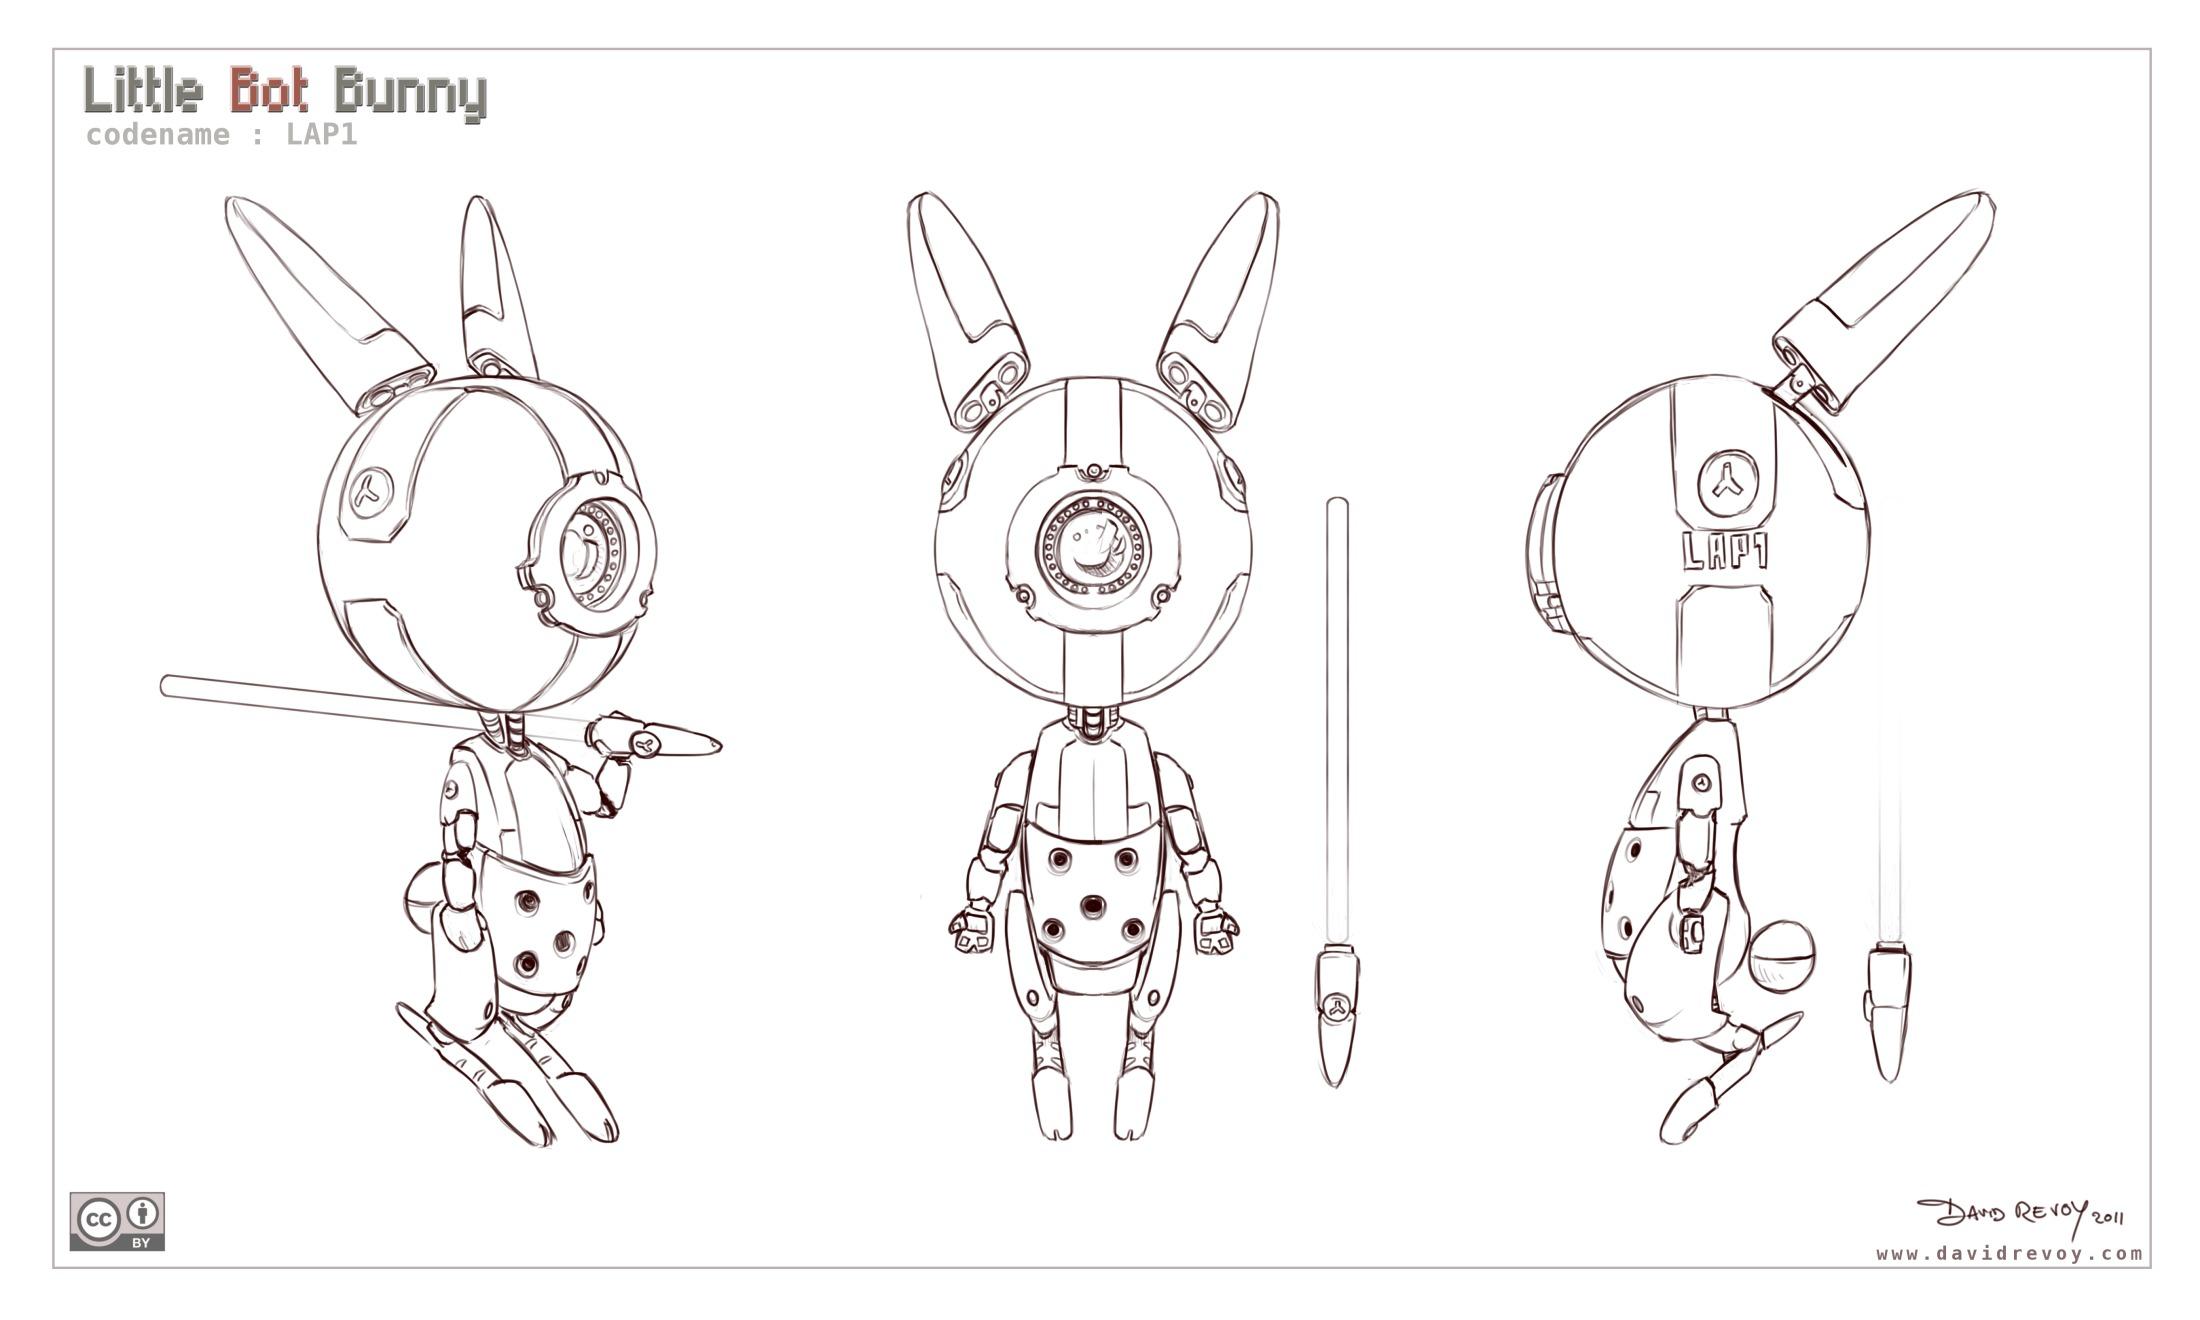 Easy Character Modeling Blender : Free d model sheet little bot bunny david revoy